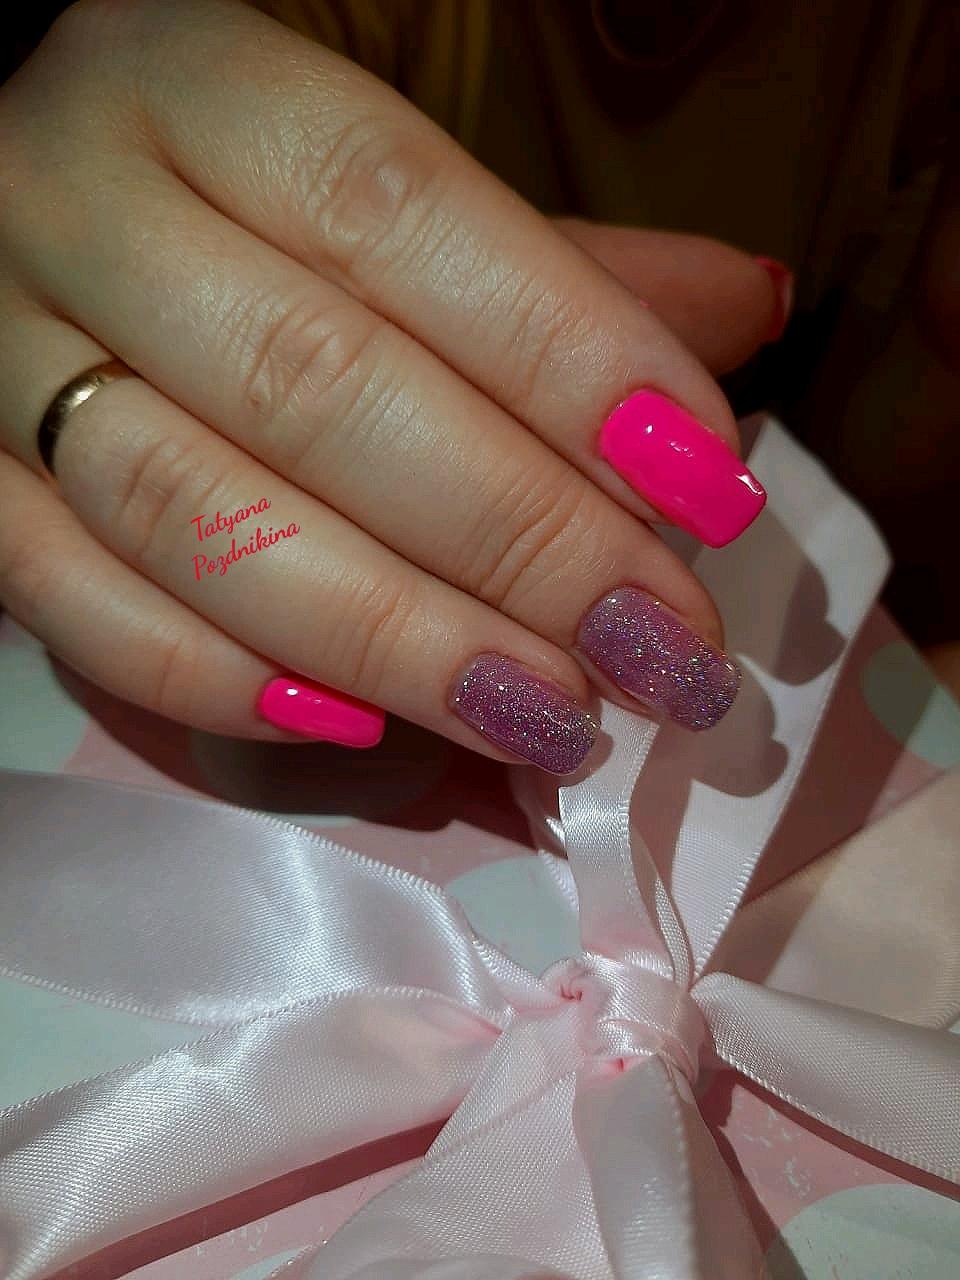 Маникюр с блестками в цвете фуксия на длинные ногти.